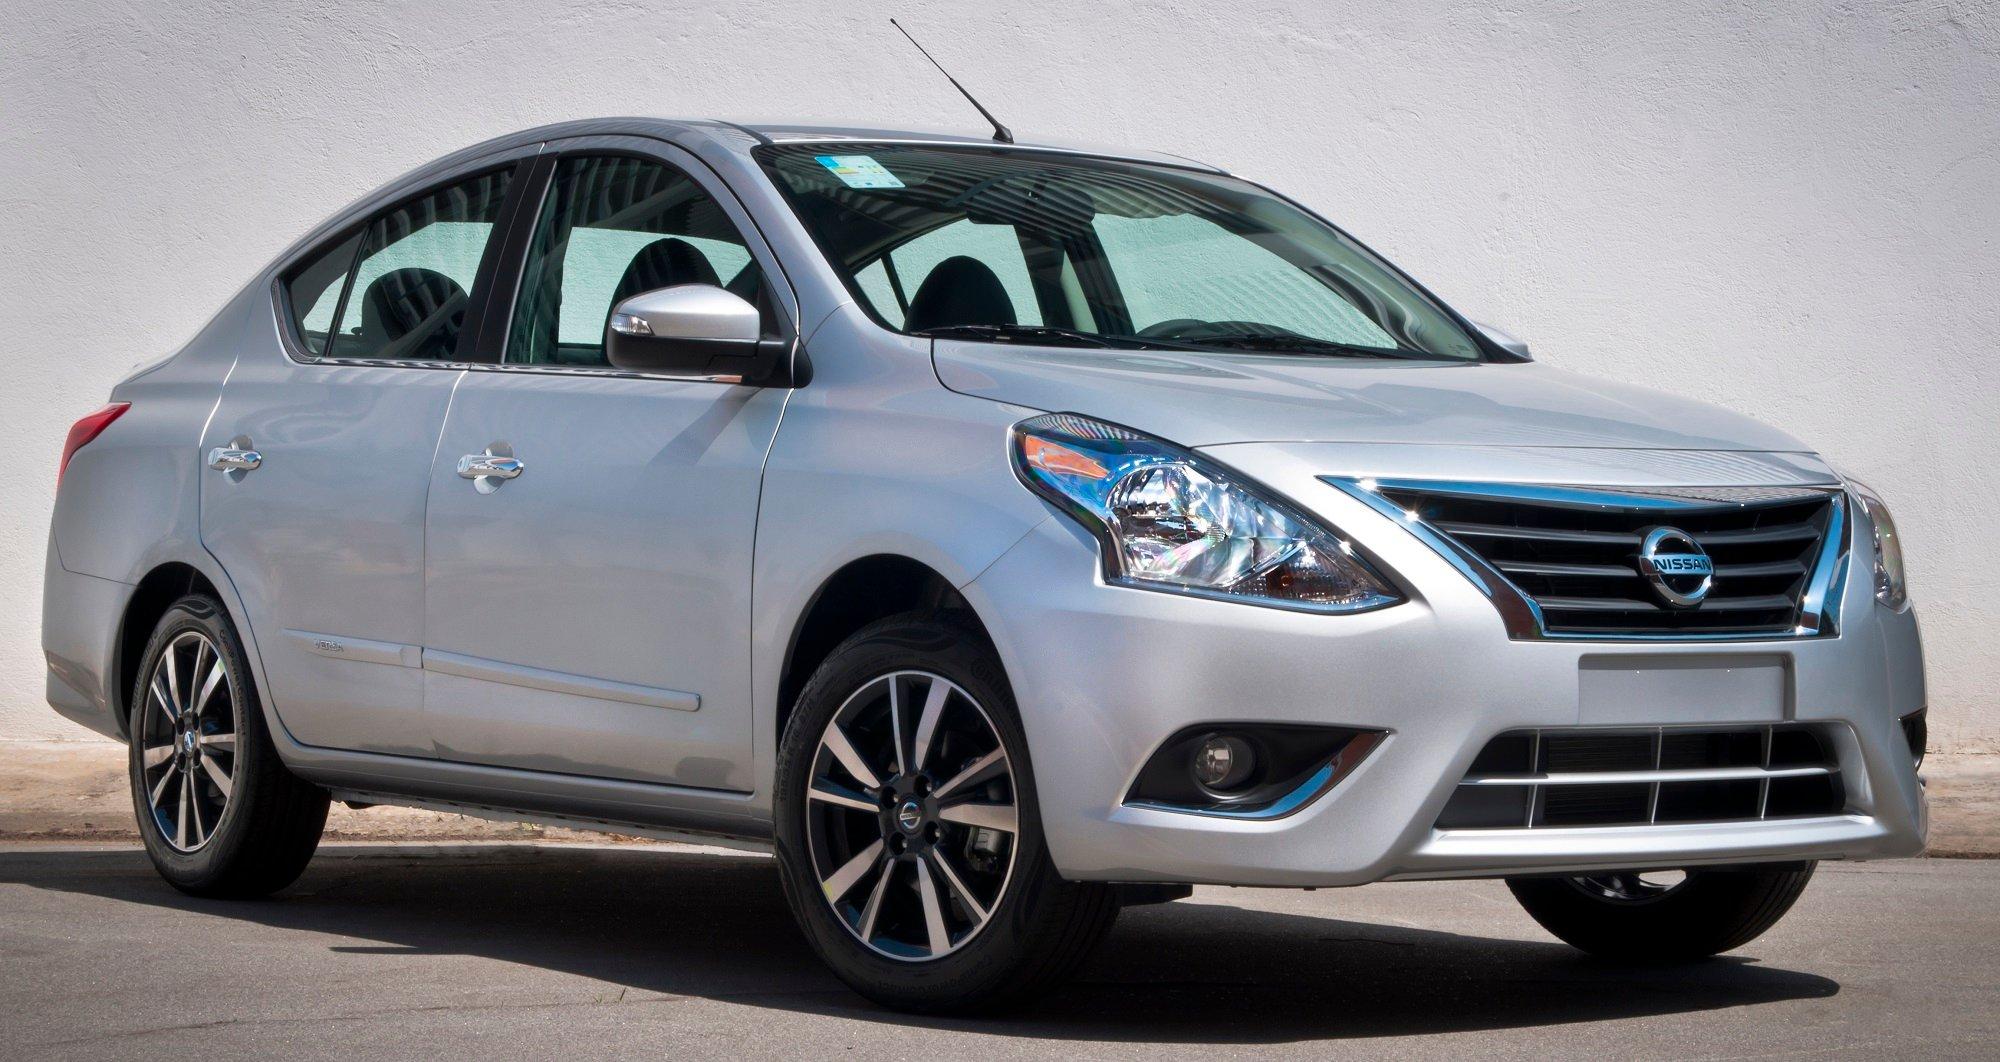 Nissan oferece bônus de R$ 2.000,00 para toda a linha do sedã Versa; aproveite!